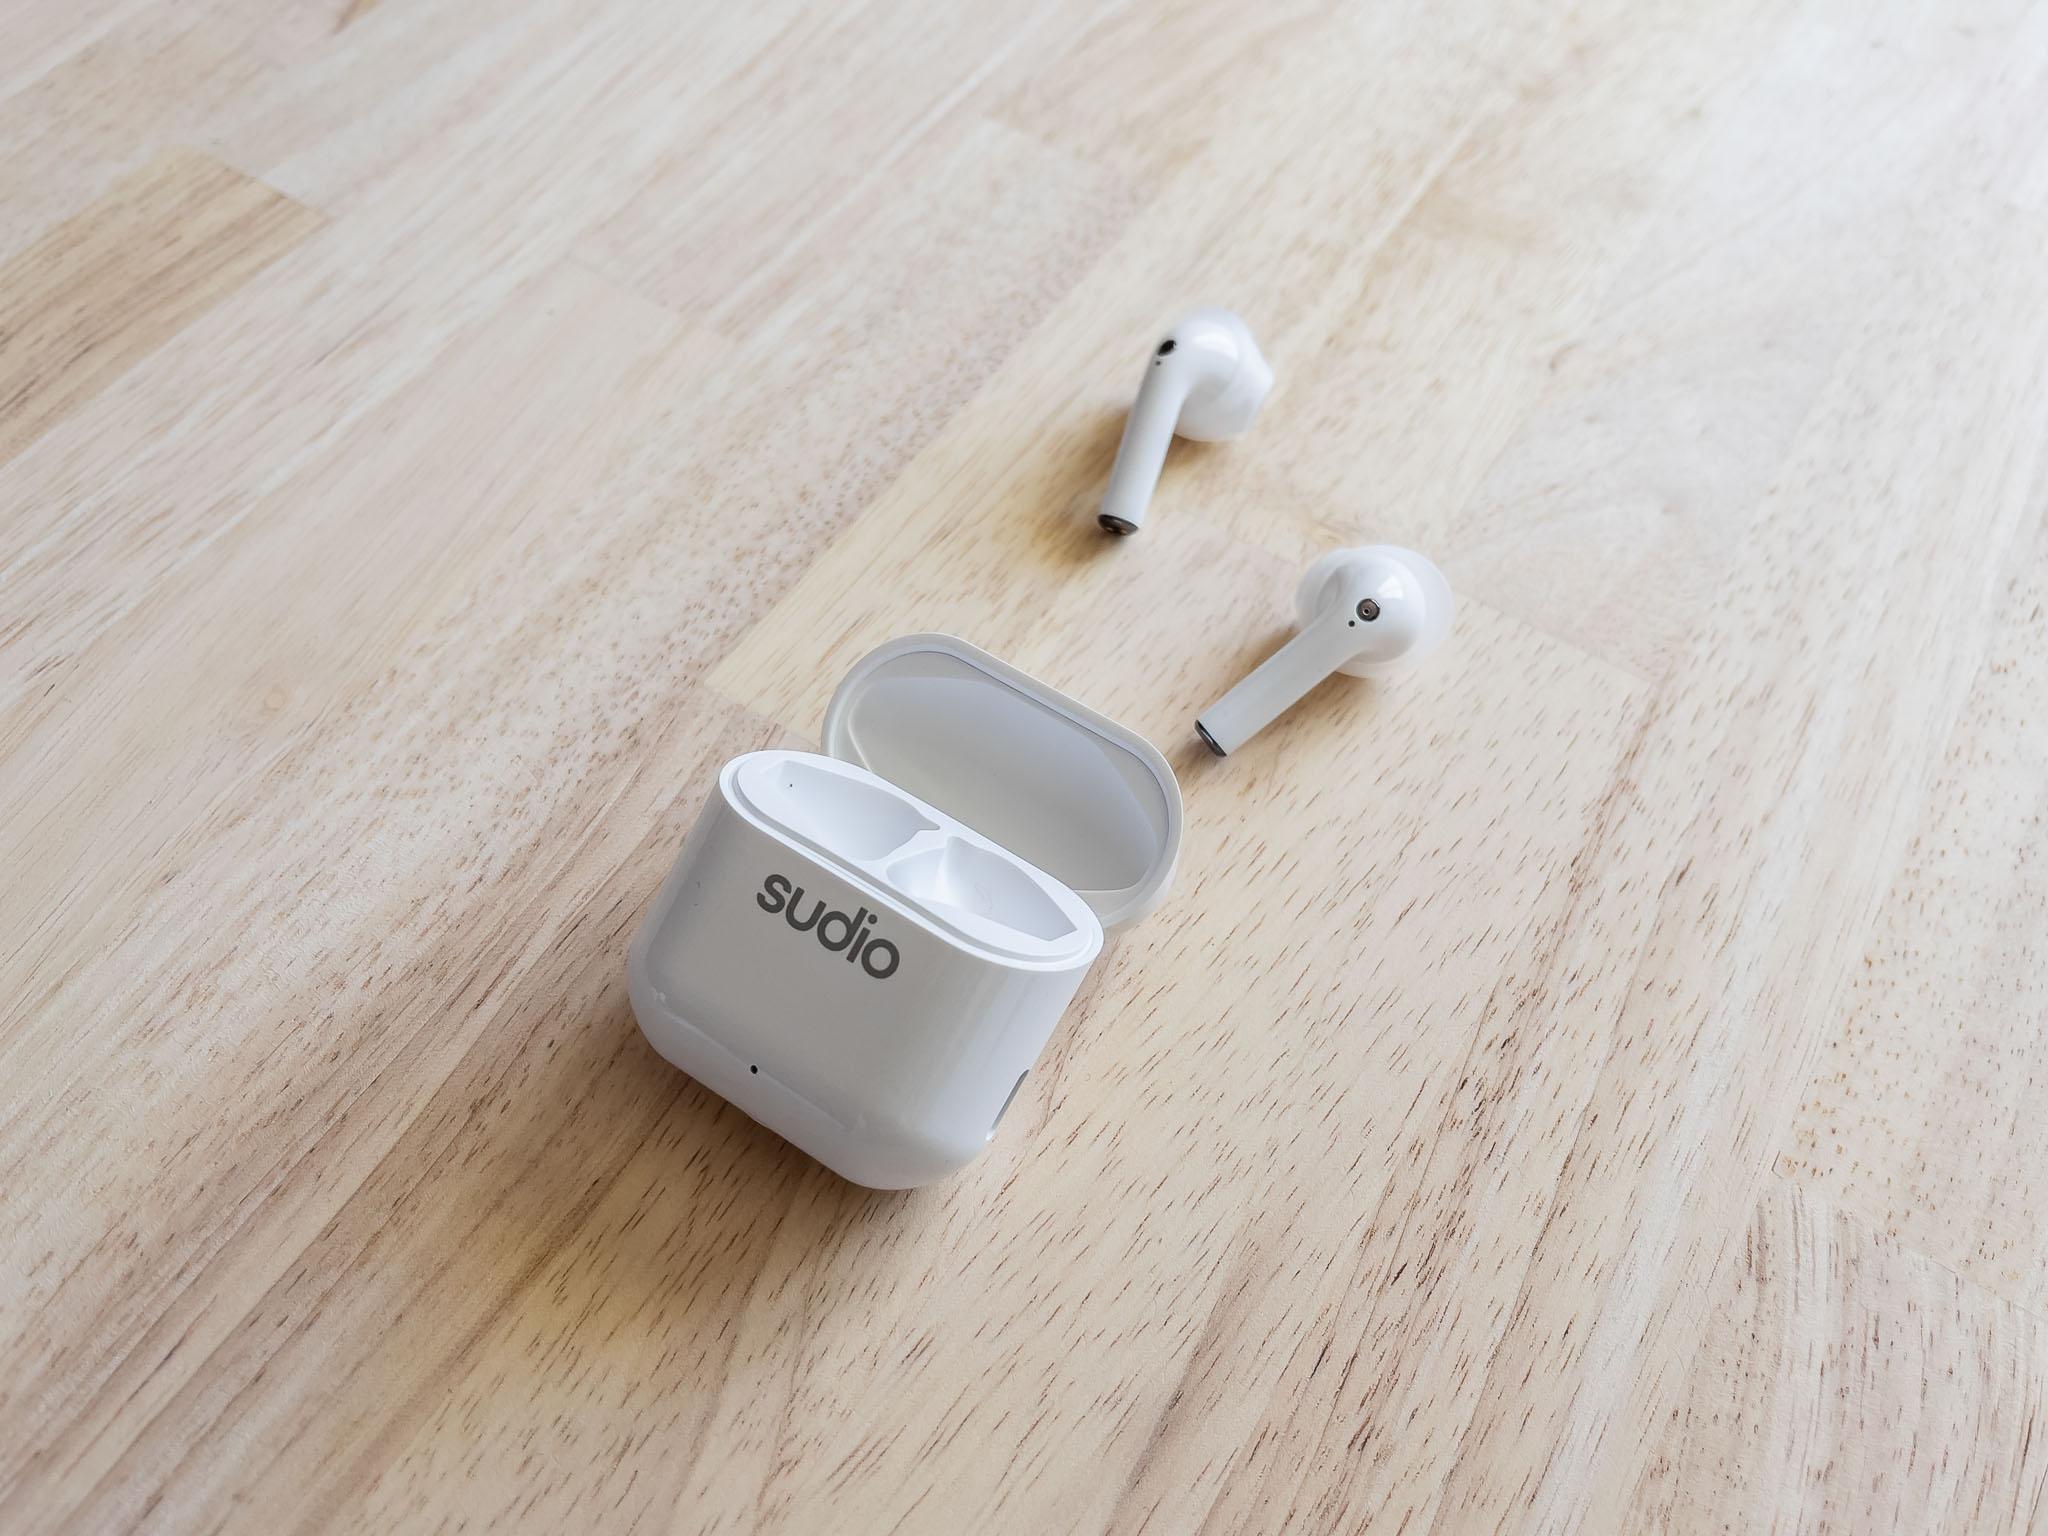 Écouteurs Sudio Nio blancs